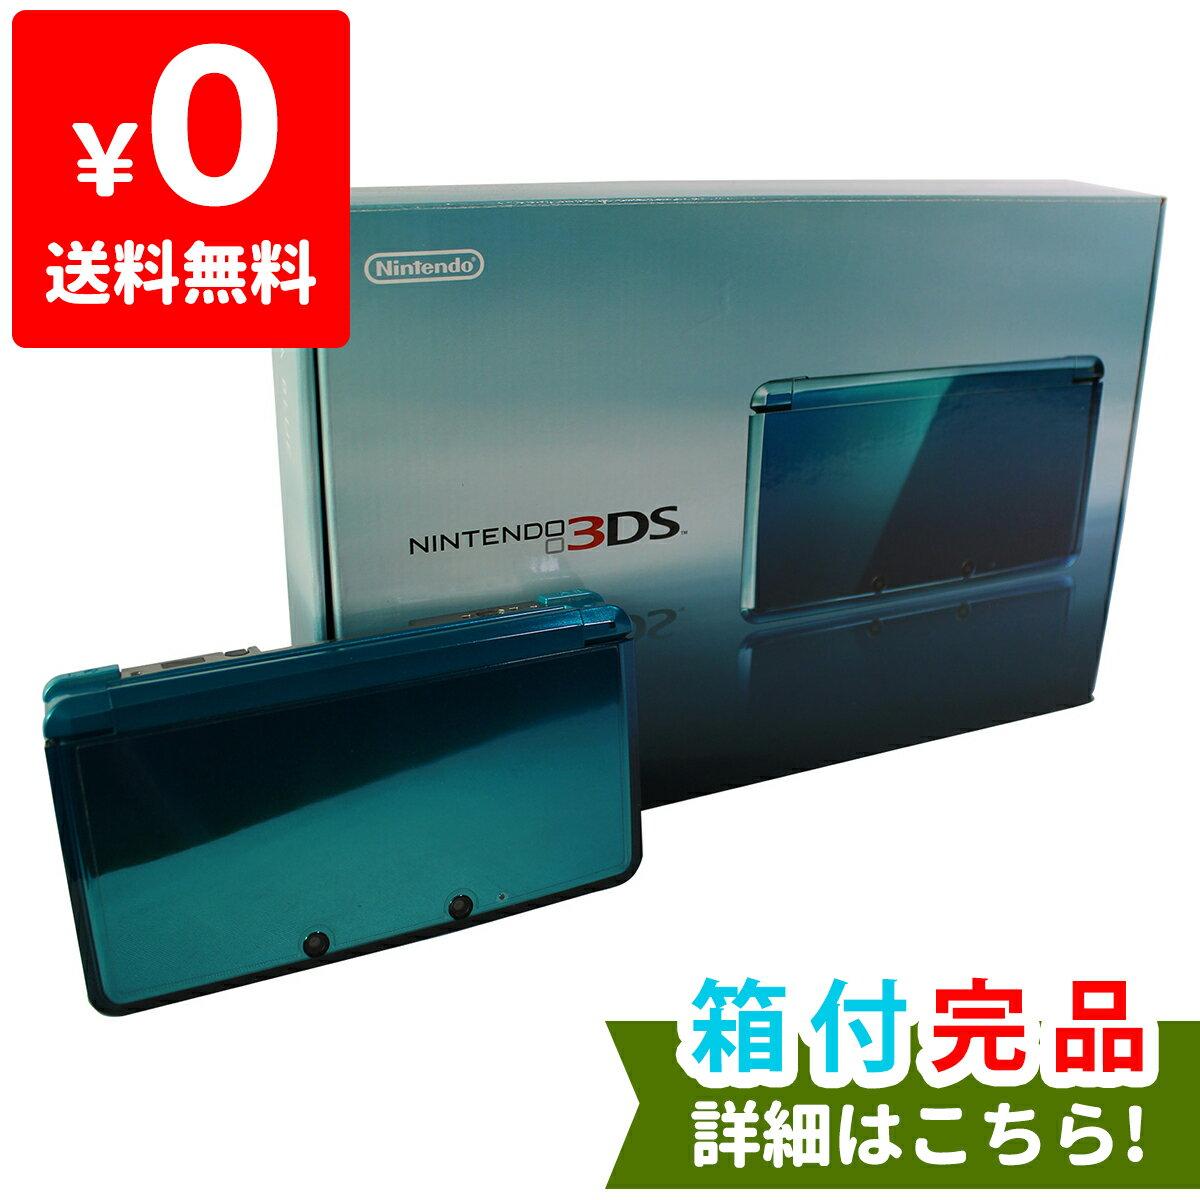 3DS ニンテンドー3DS アクアブルーCTR-S-BAAA 本体 完品 外箱付き Nintendo 任天堂 ニンテンドー 中古 4902370518764 送料無料 【中古】